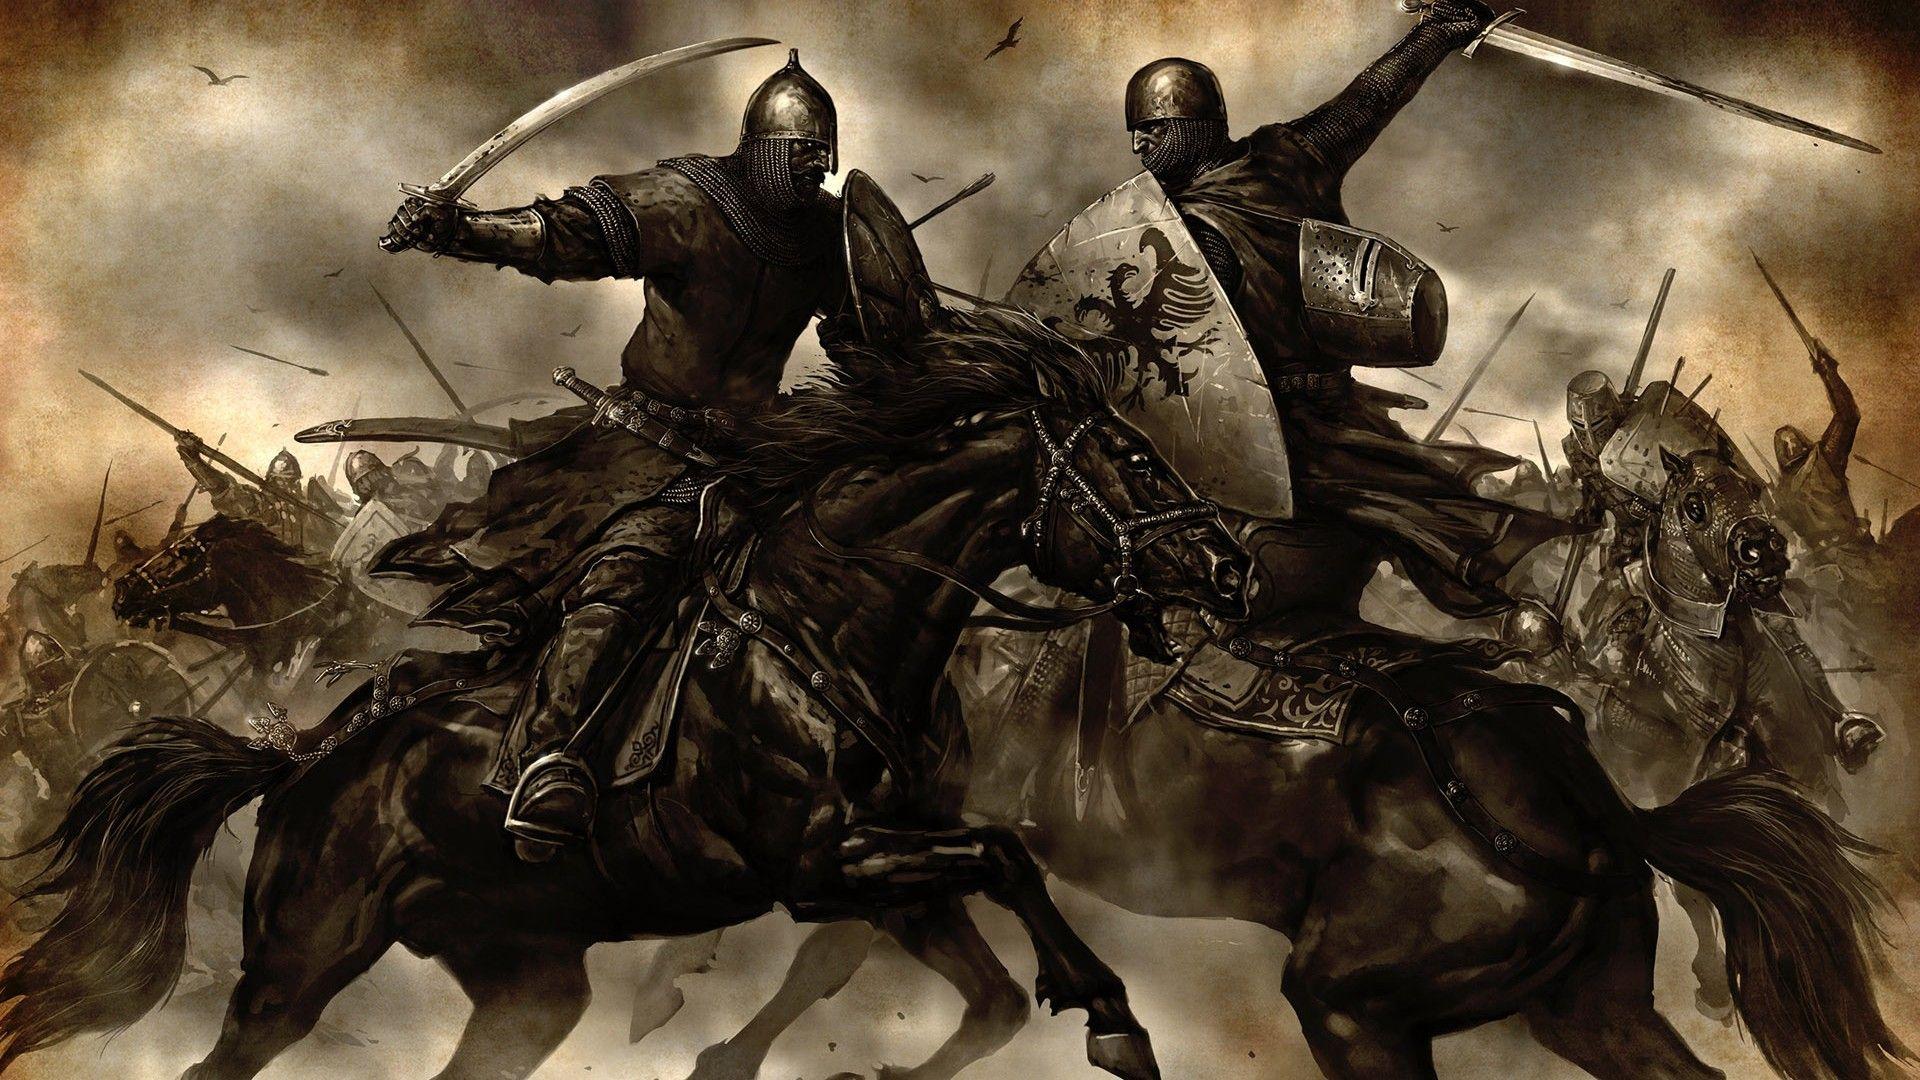 War Battle Artwork Drawings Medieval Horsemen Mount 1920x1080 Wallpaper Warrior Woman Ancient Warriors Knight On Horse